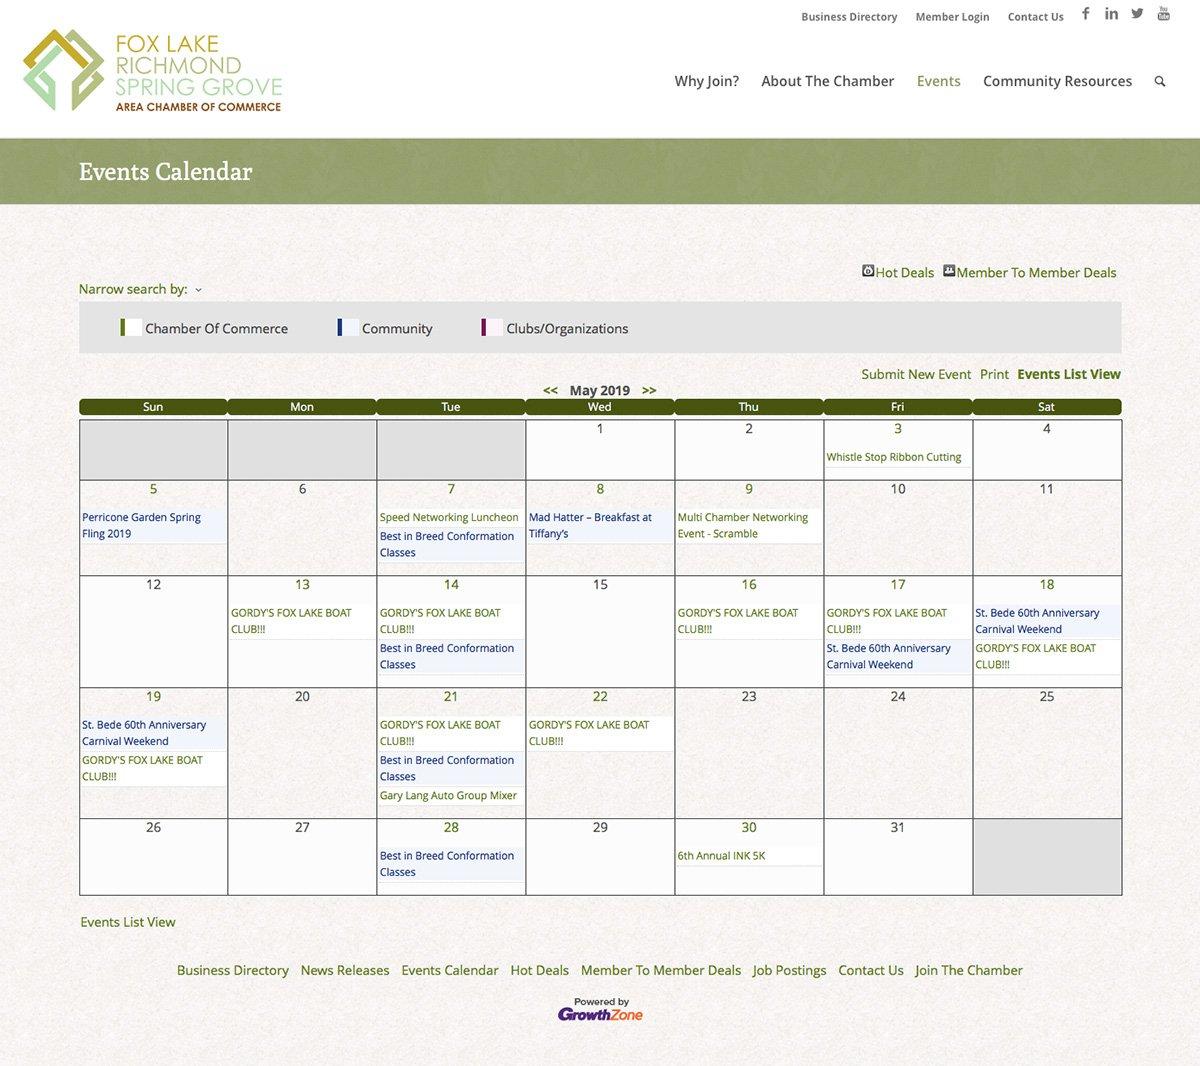 FLRSG Calendar